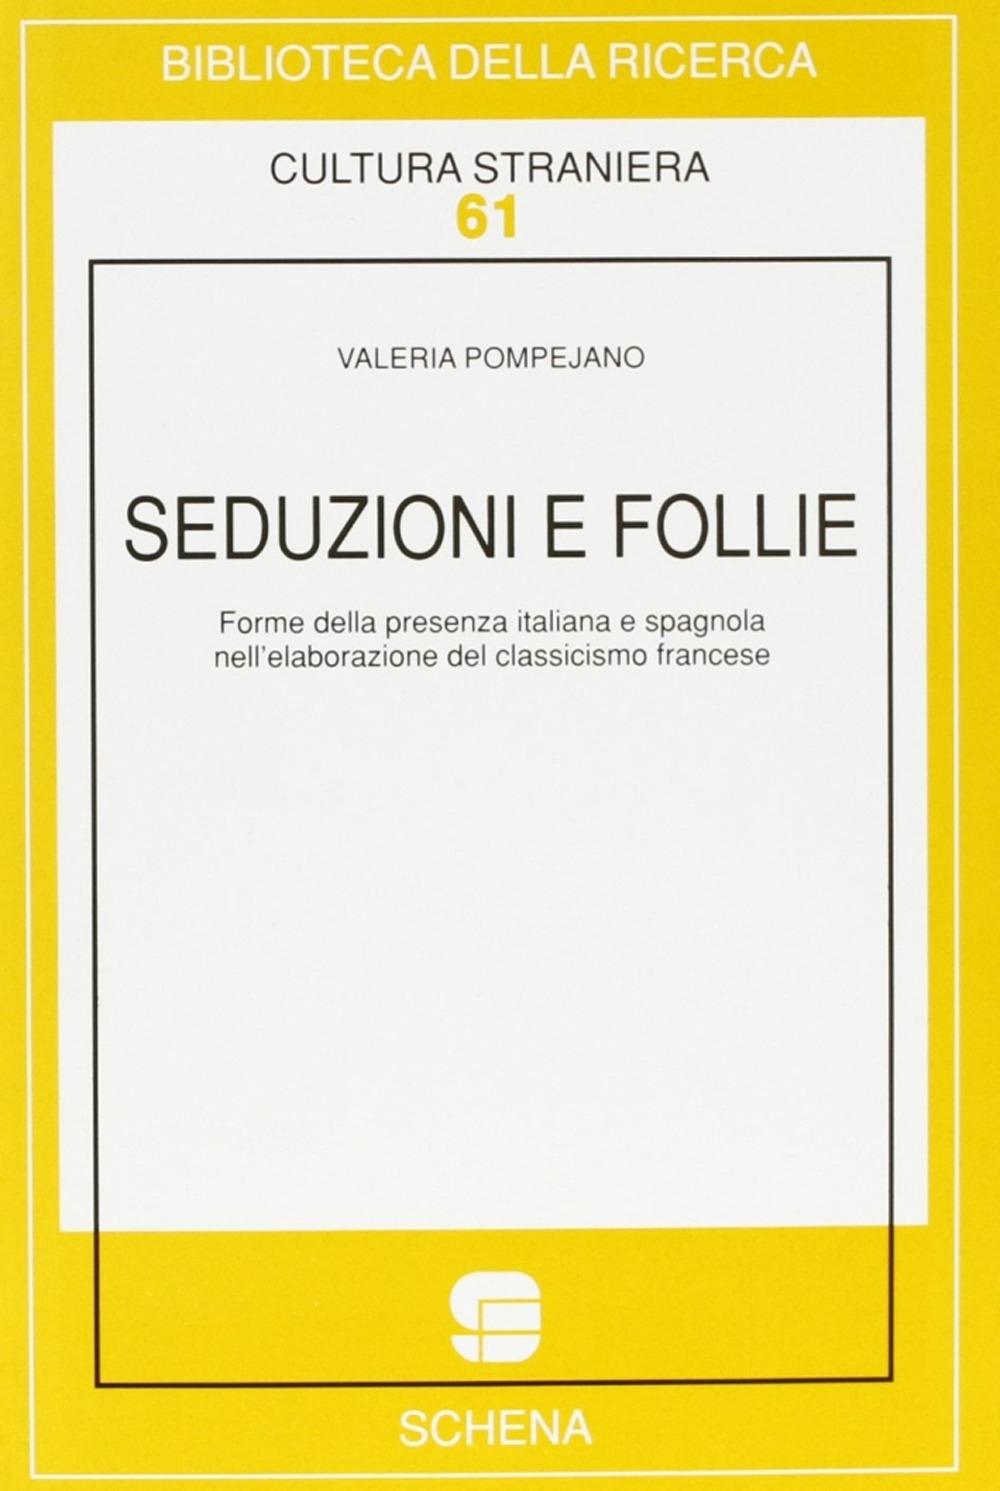 Seduzioni e follie. Forme della presenza italiana e spagnola nell'elaborazione del classicismo francese